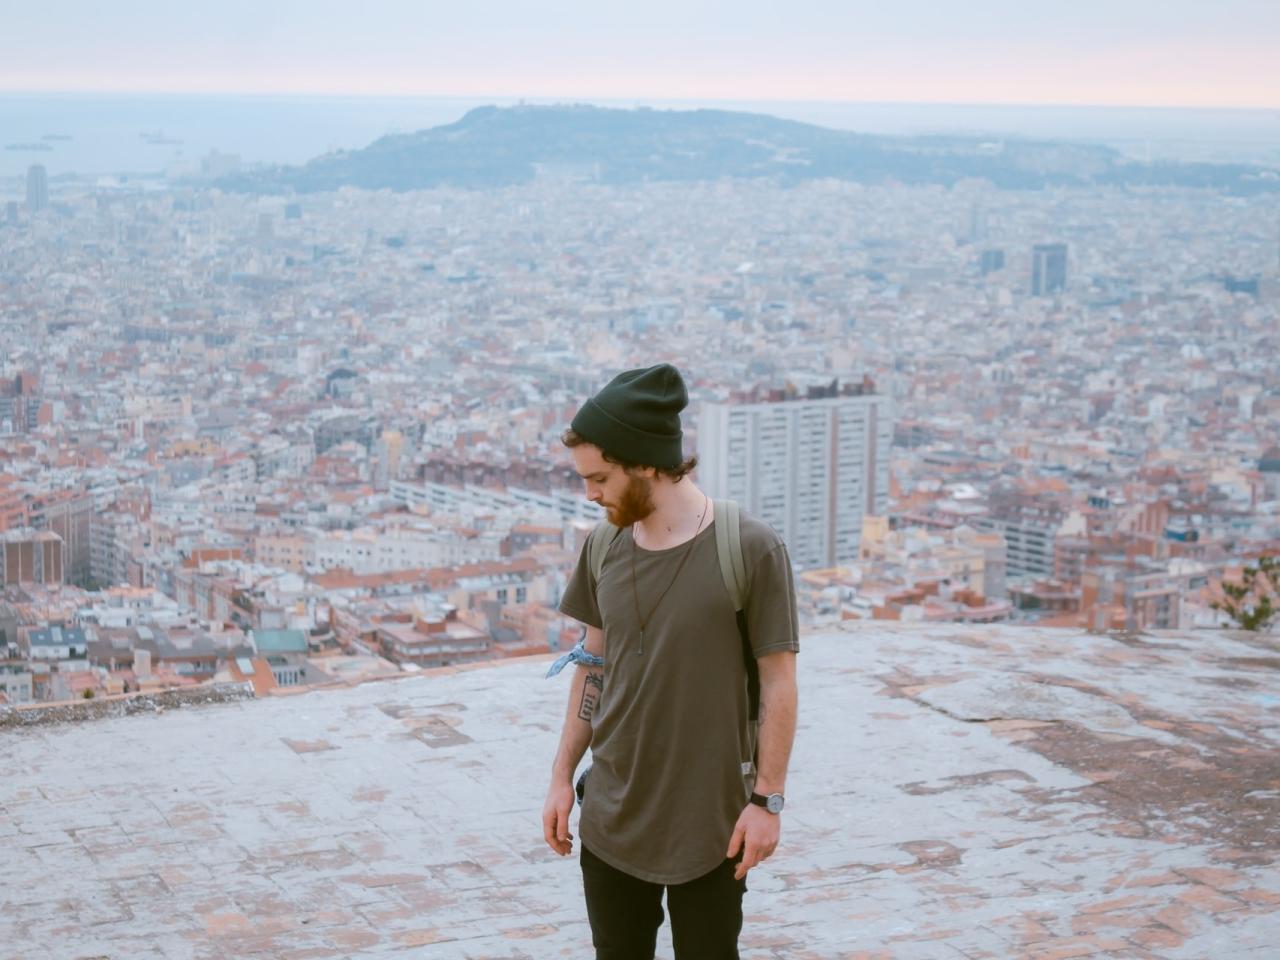 Travel Experiences im Jahr 2020 | Unplanned